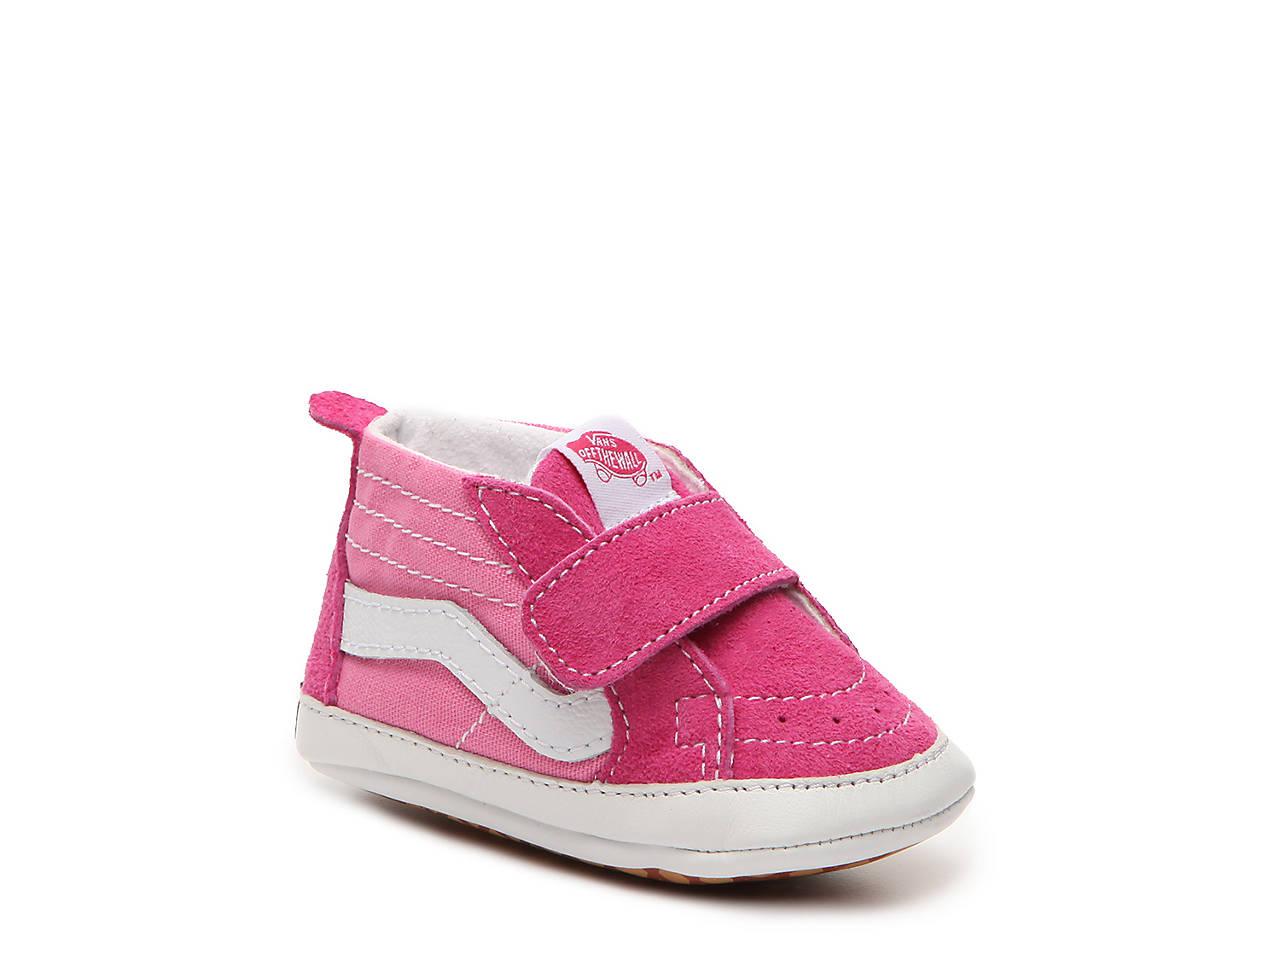 0bbc94a80b Vans Sk8 Infant Crib Shoe Kids Shoes